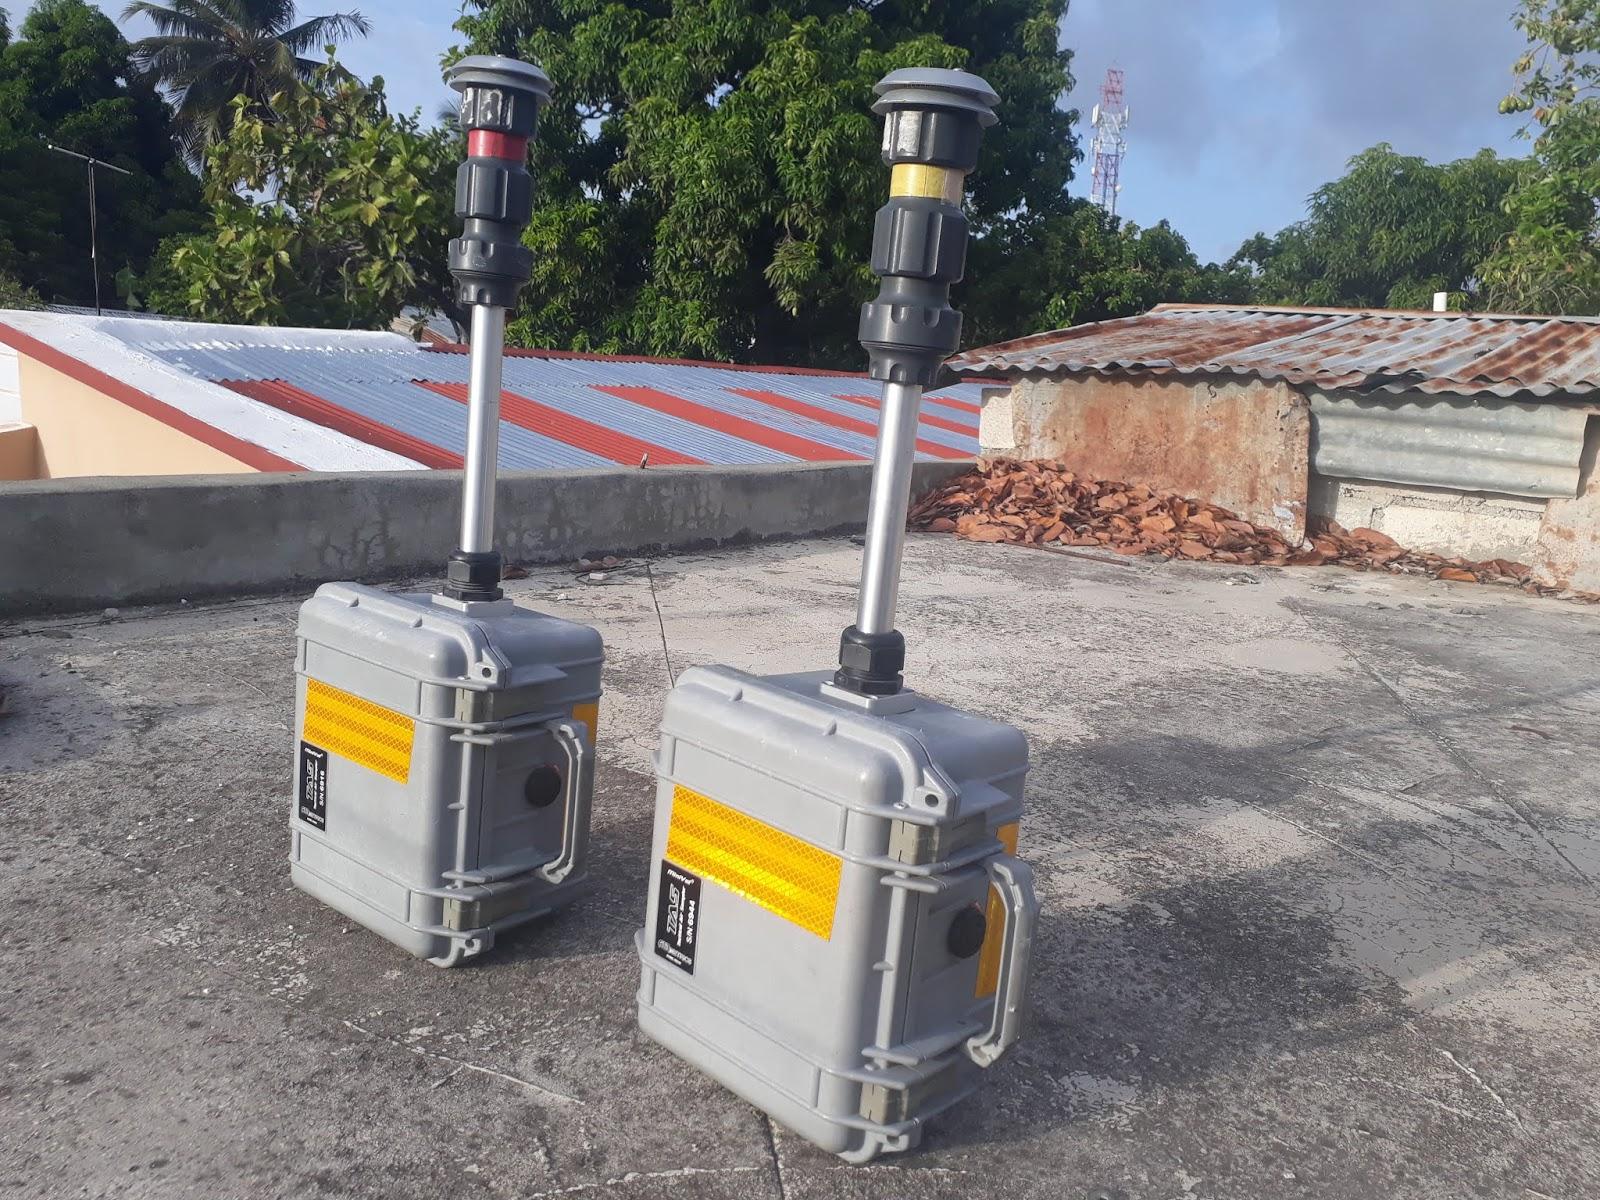 Medio Ambiente analiza niveles de ruido y polvillo emitidos por la Fábrica de Block Khoury Industrial